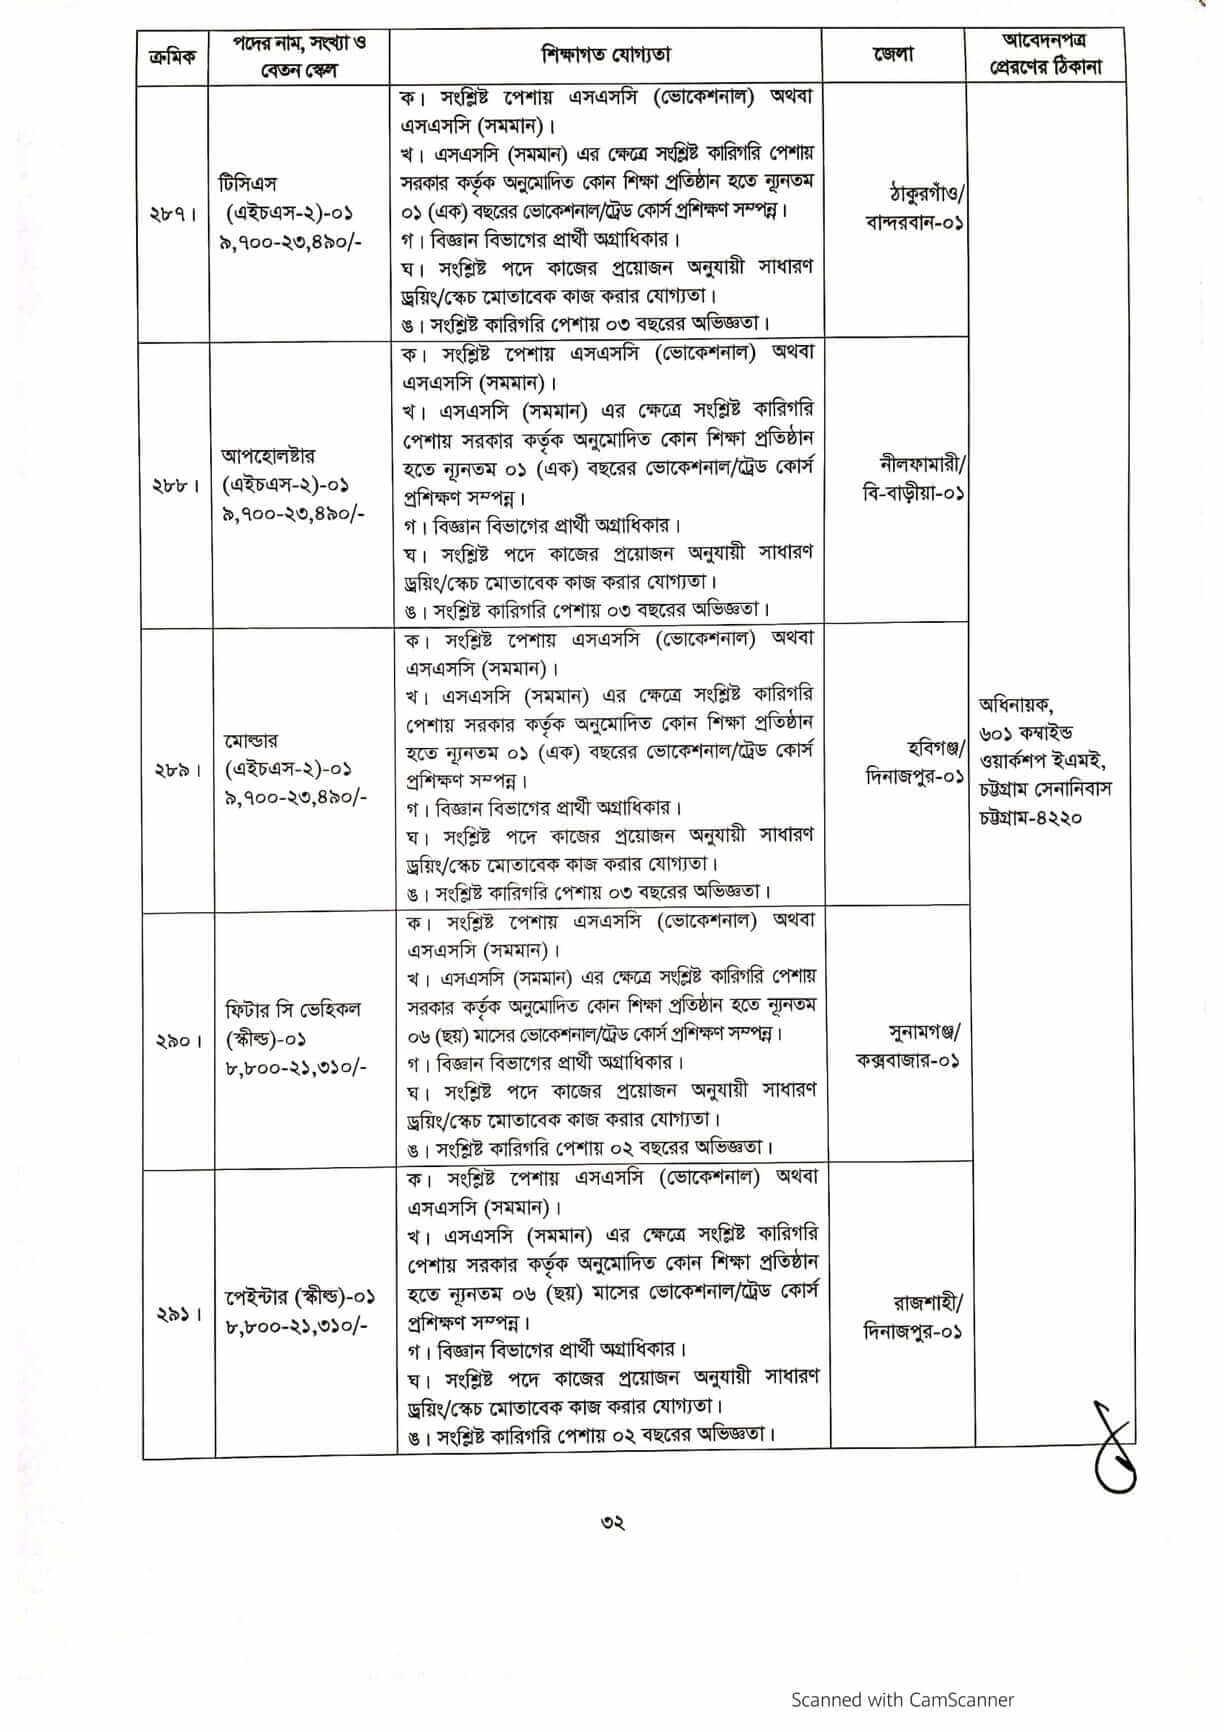 JOIN BANGLADESH ARMY circular